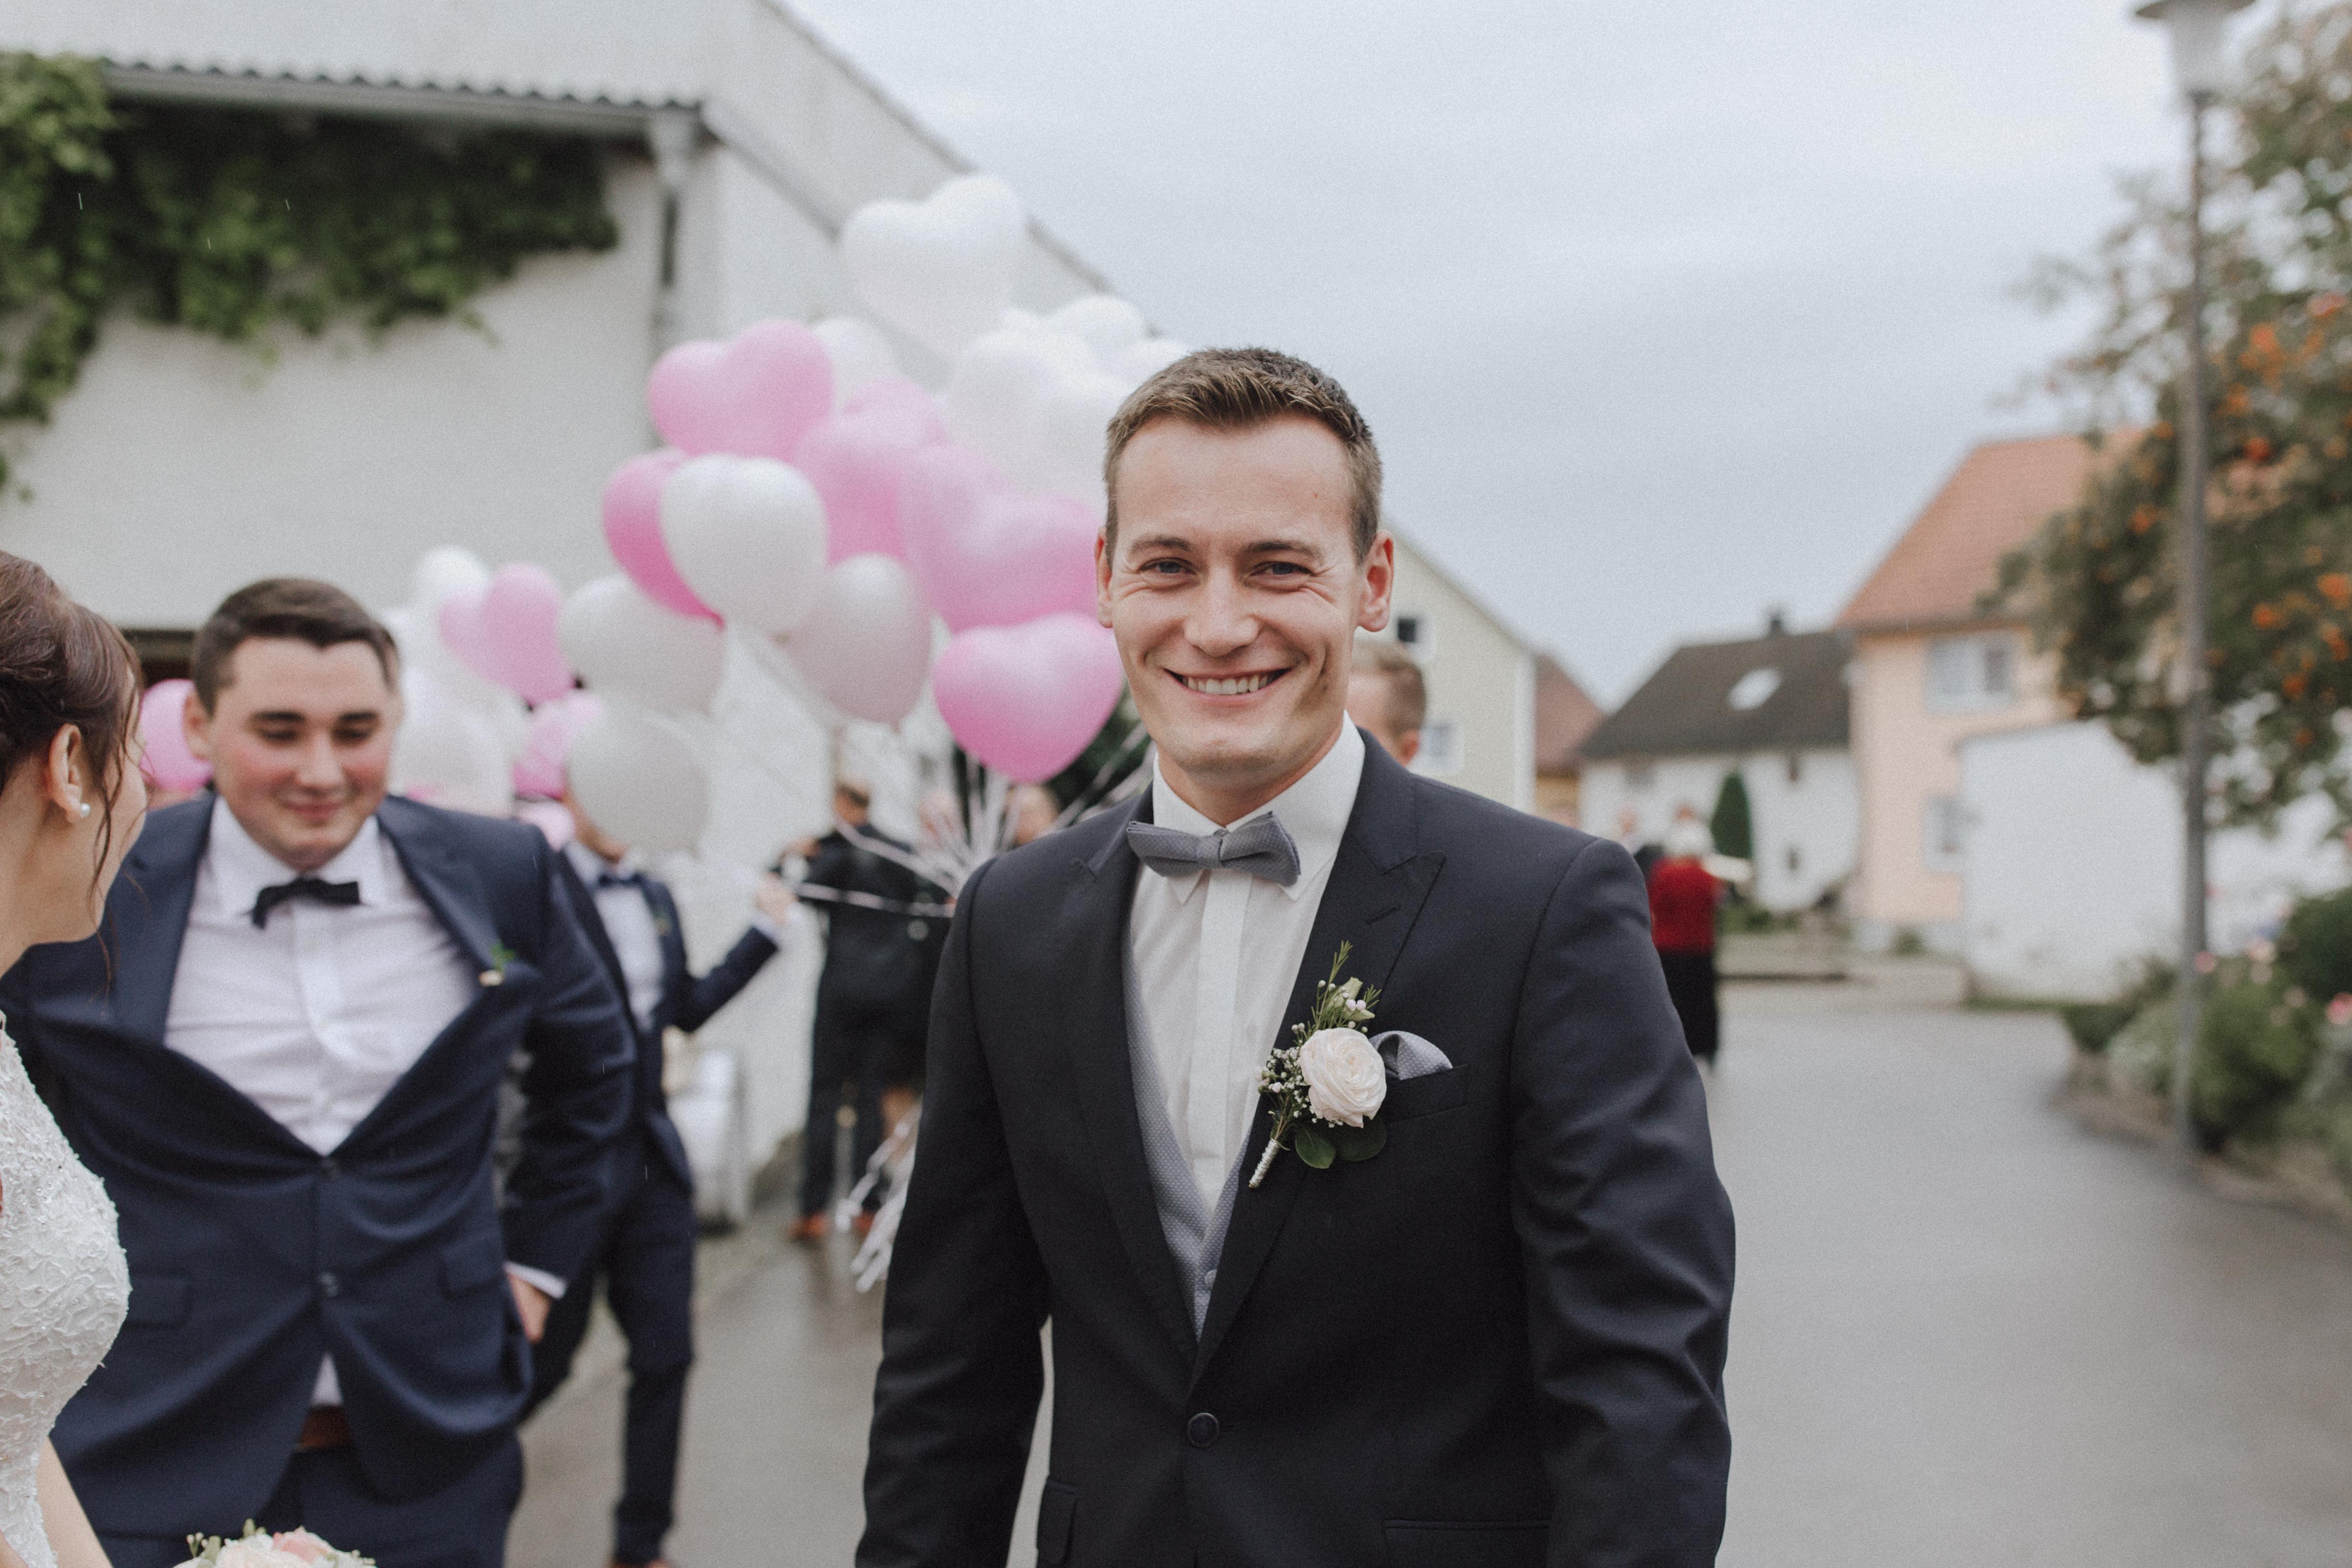 URBANERIE_Daniela_Goth_Hochzeitsfotografin_Nürnberg_Fürth_Erlangen_Schwabach_170909_0087